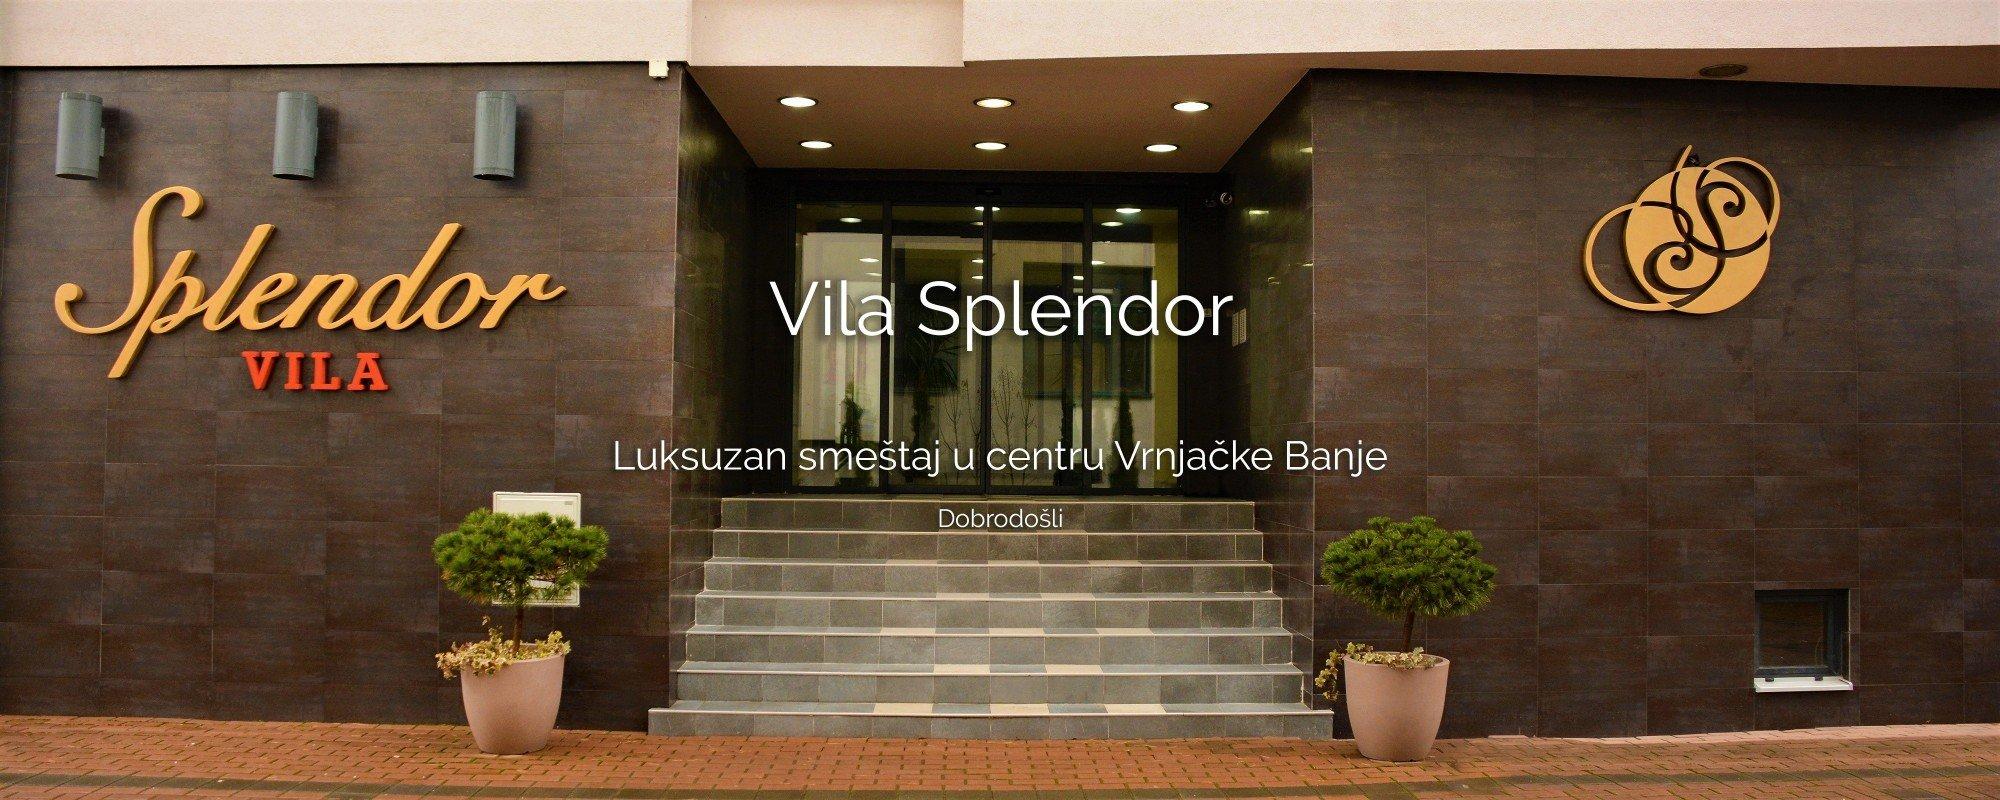 vilasplendor_slider1